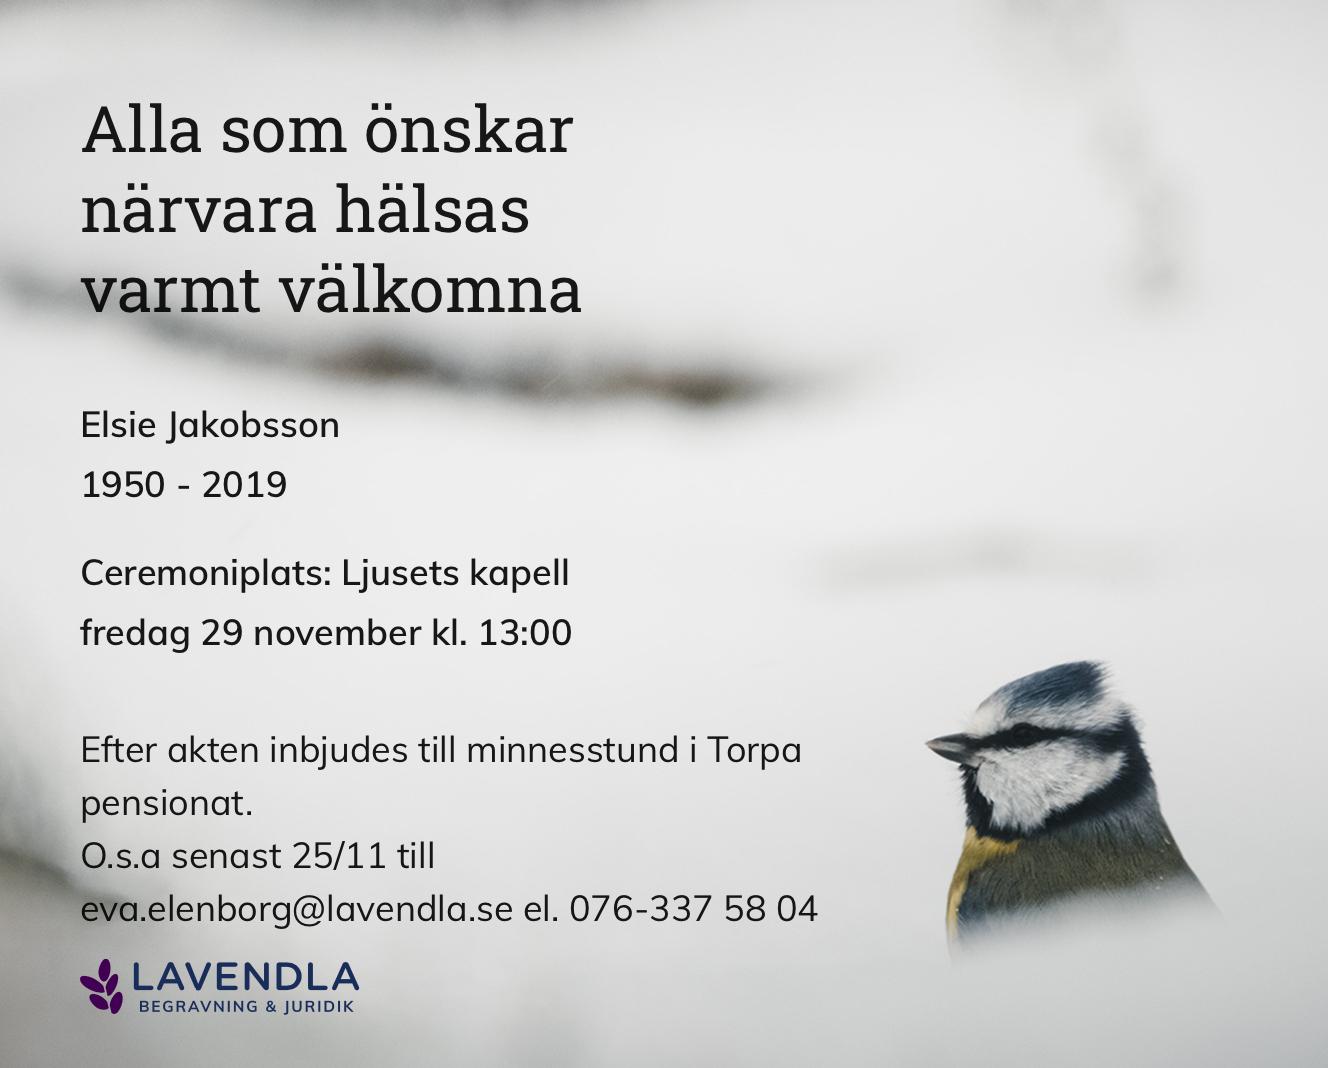 Inbjudningskort till ceremonin för Elsie Jakobsson